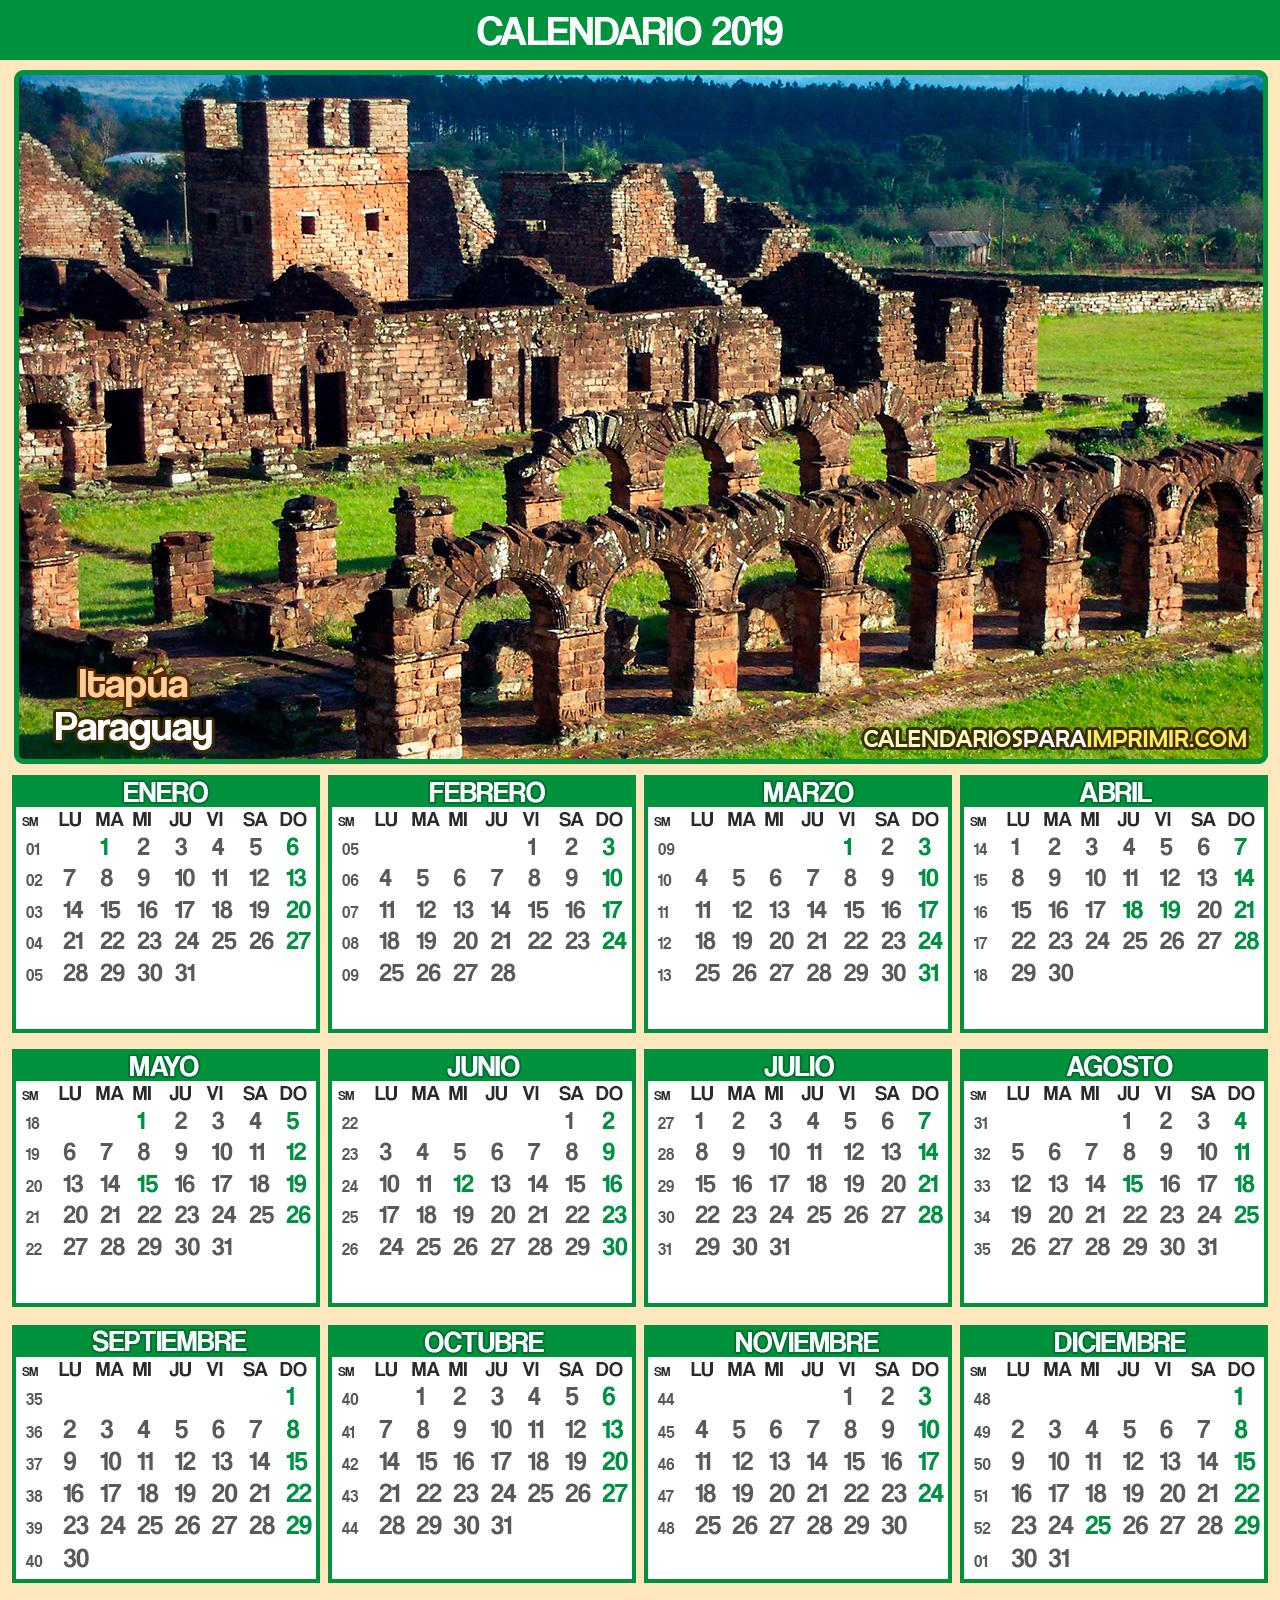 calendario paraguay 2019